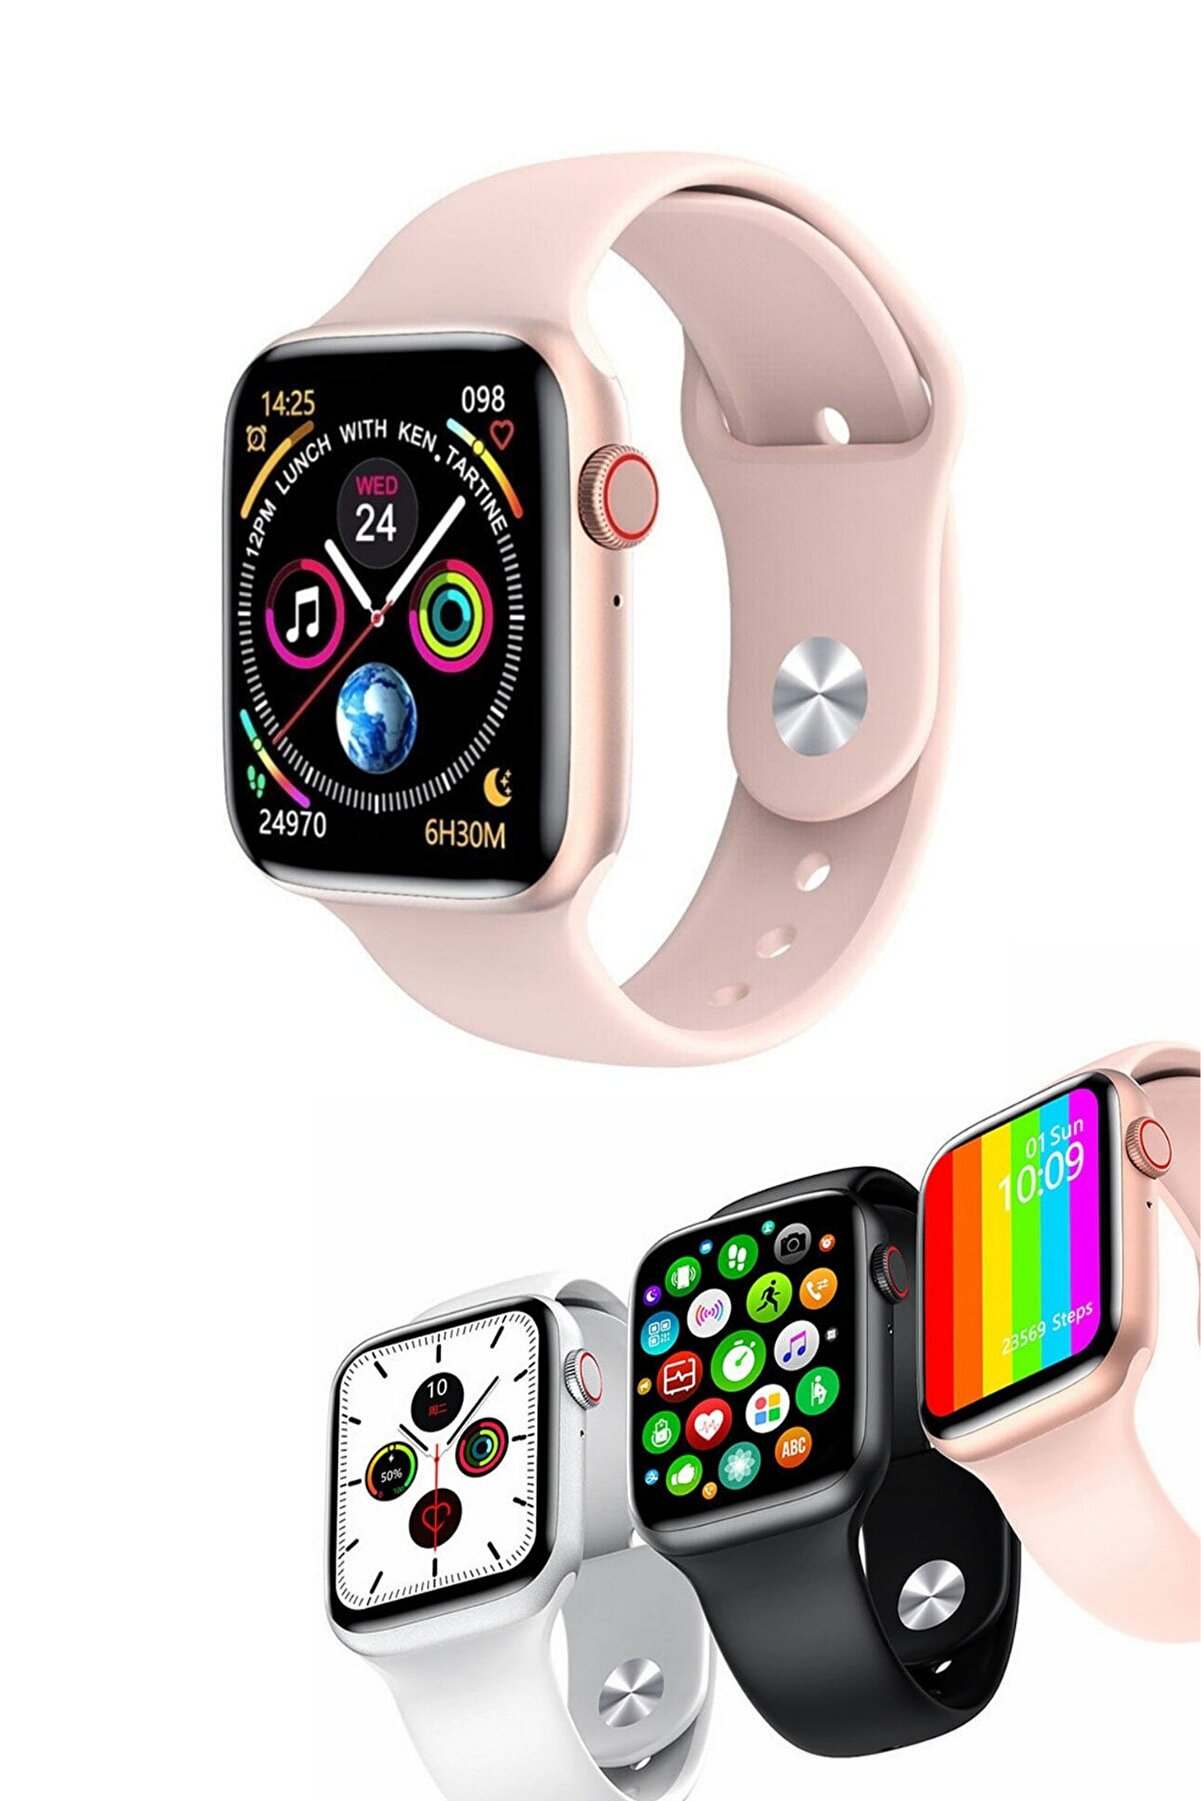 Favors Asus Zenfone 5z Uyumlu Sağlık & Spor Modları Aktif Smart Watch Series W26+ Akıllı Saat Pembe